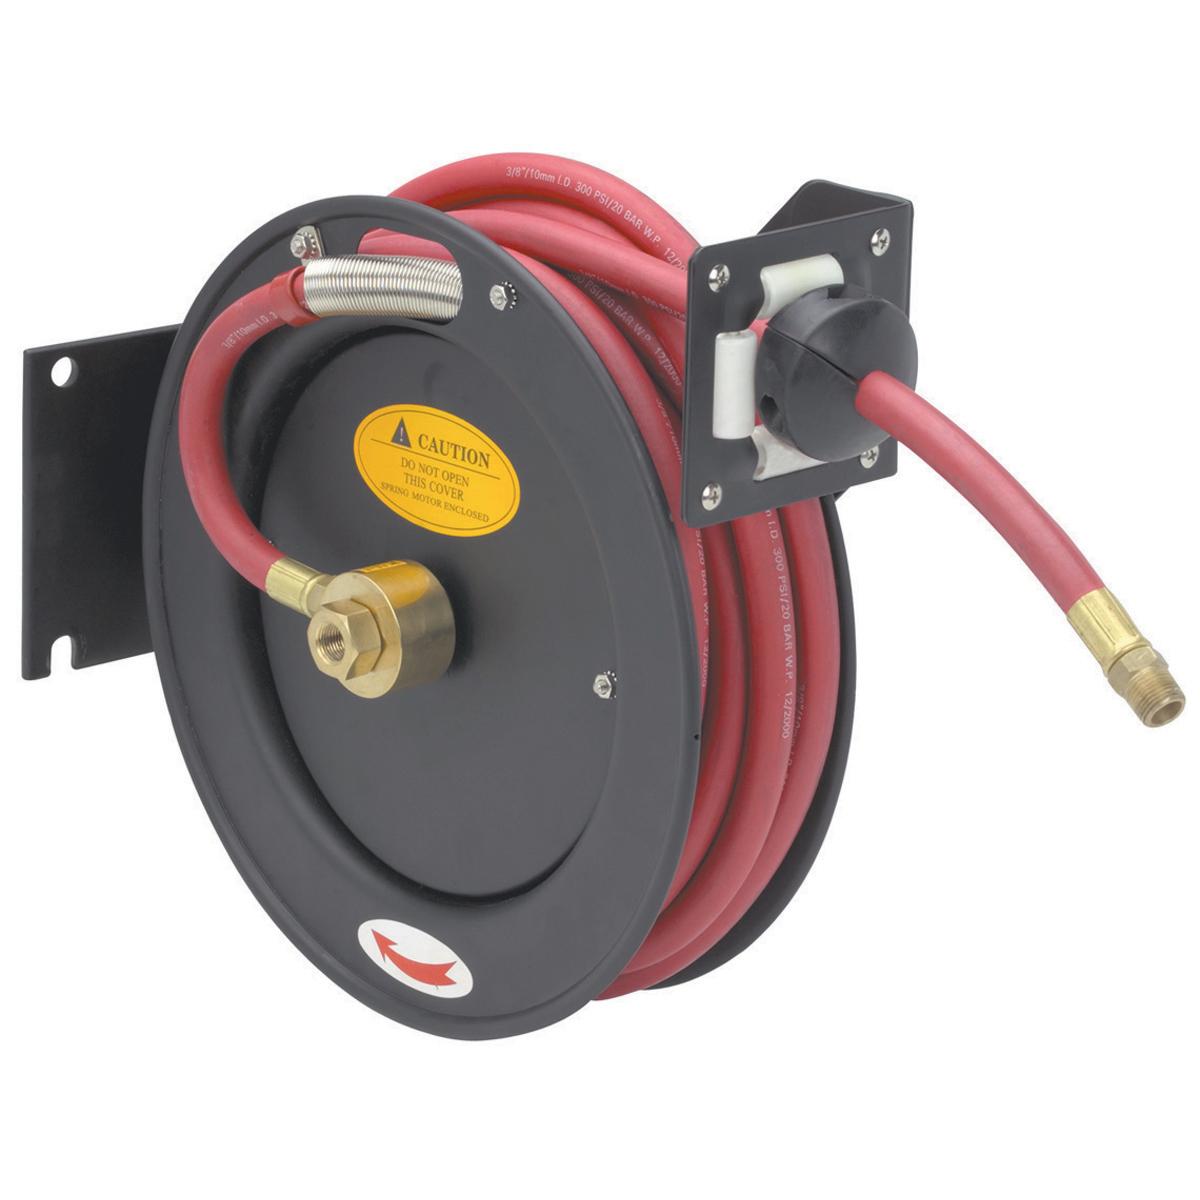 premium retractable air hose reel - Retractable Garden Hose Reel